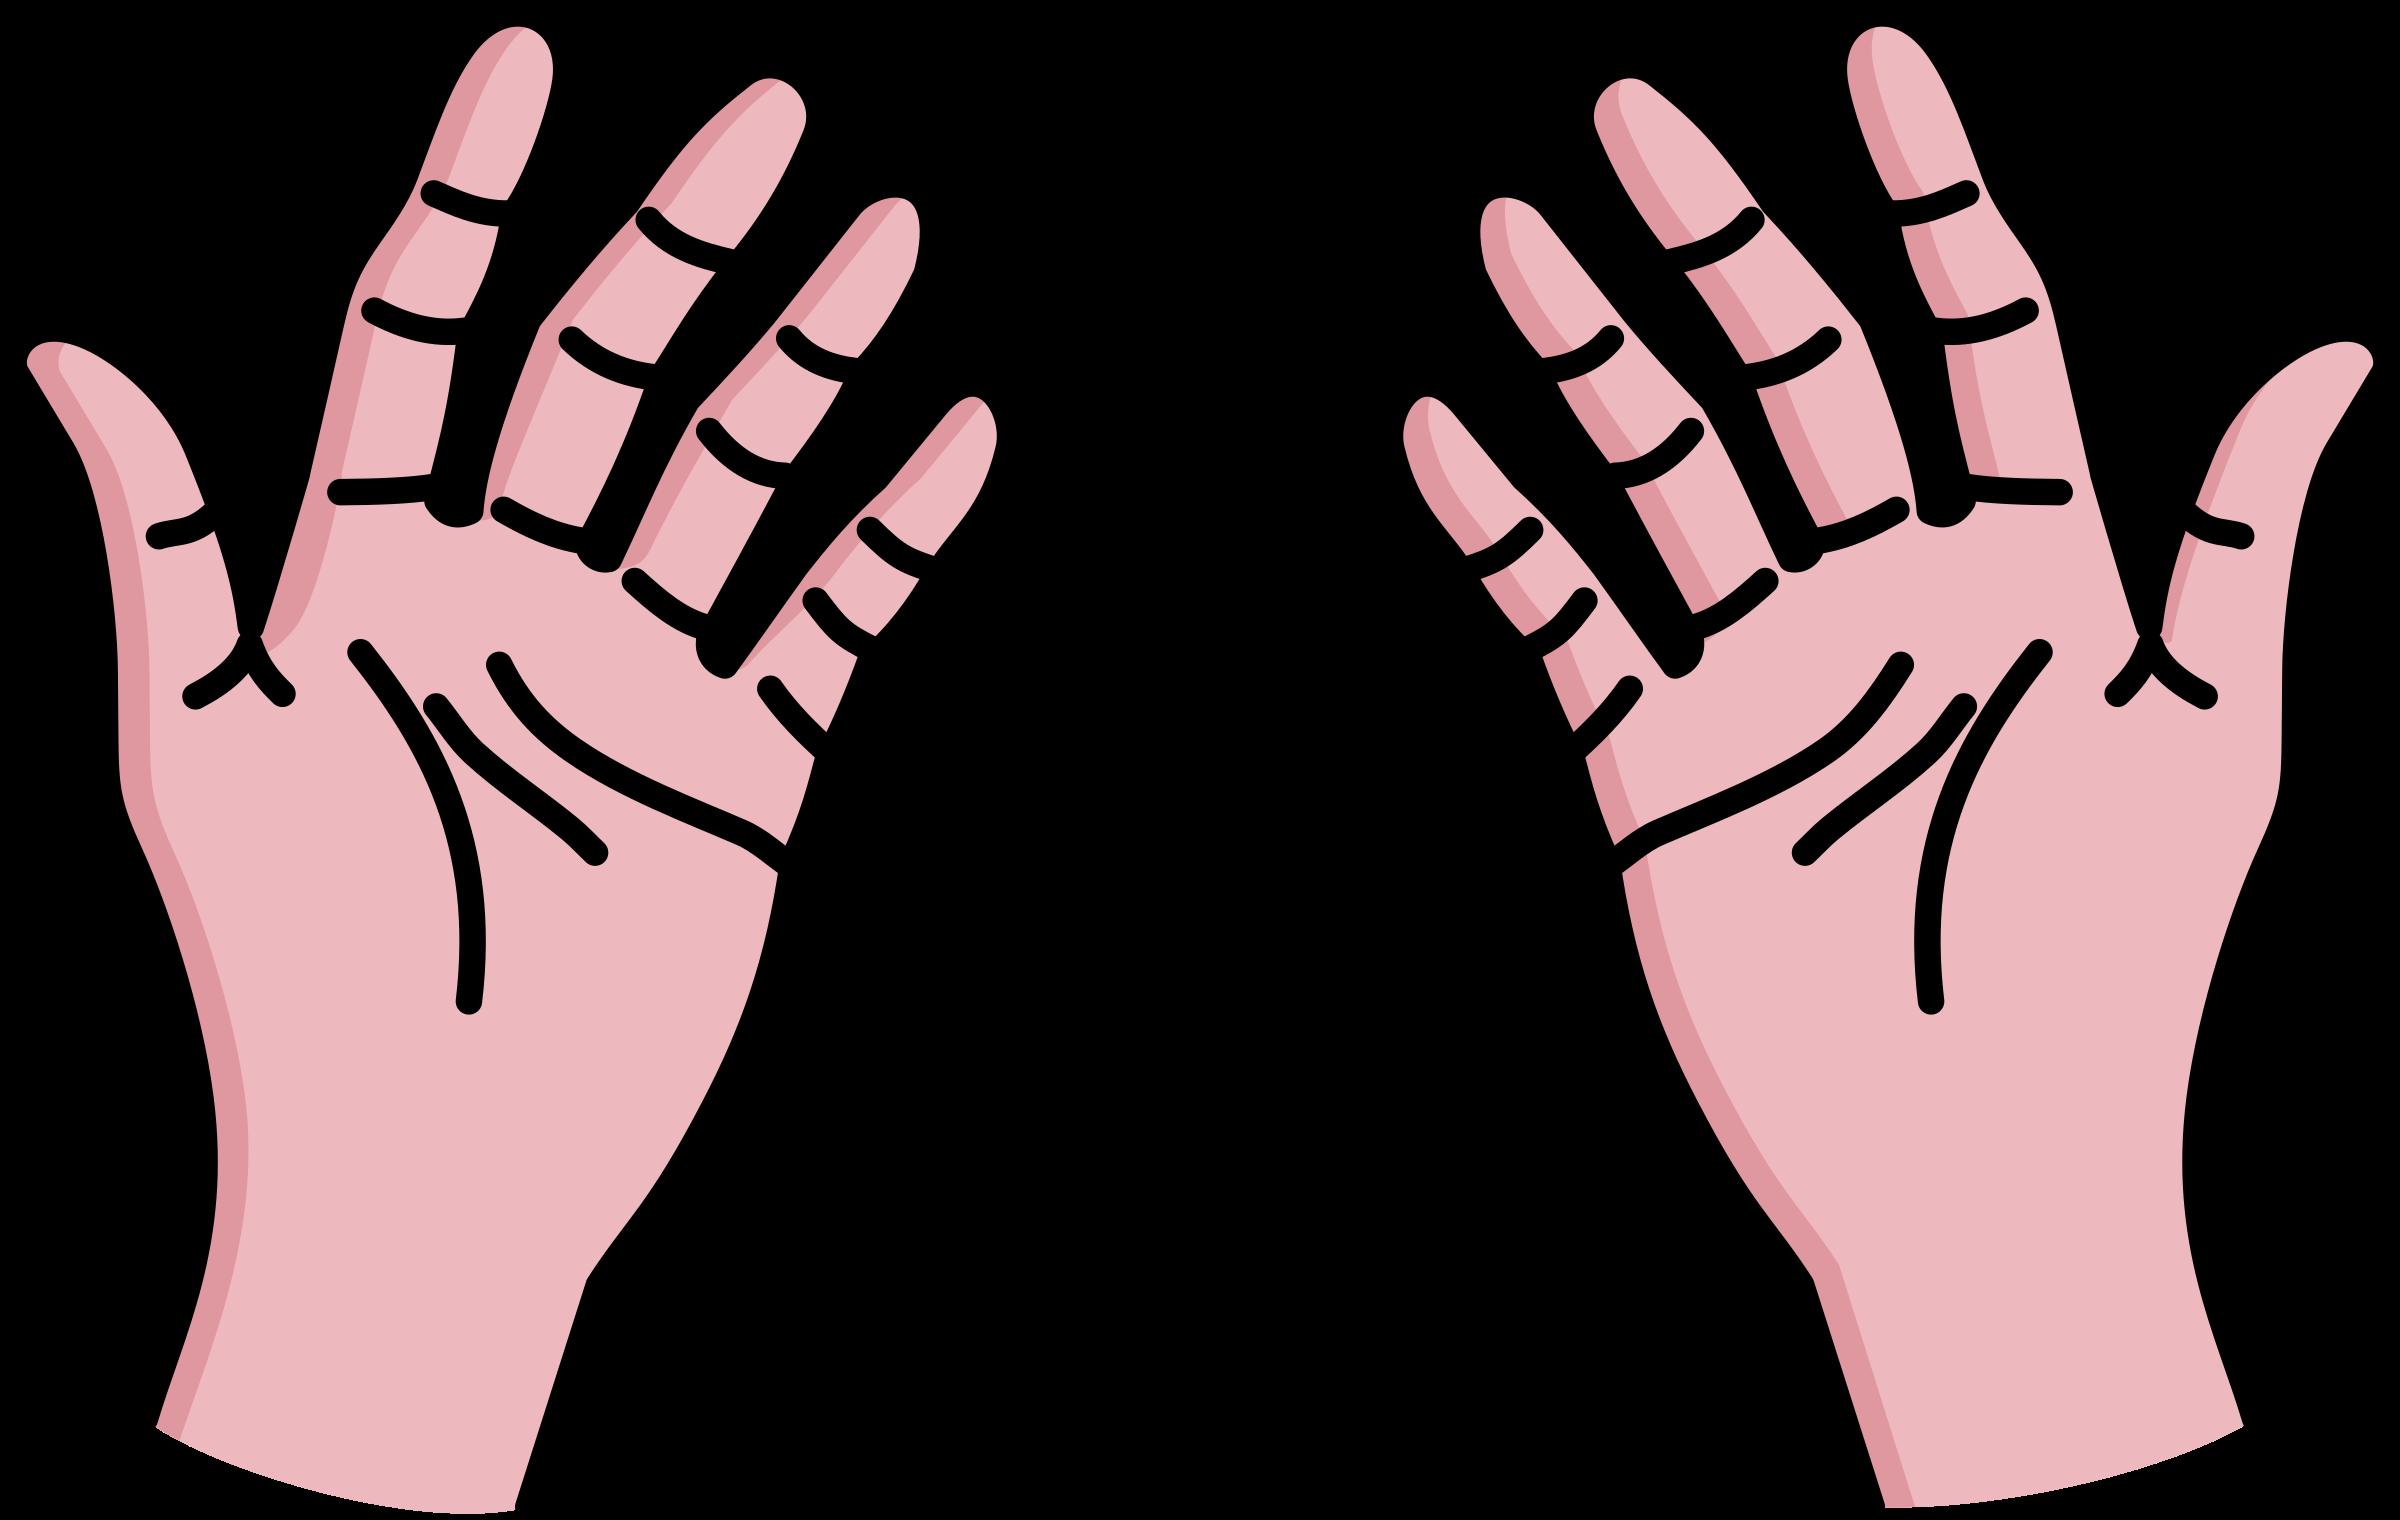 ... Hands Clip Art - clipartall ...